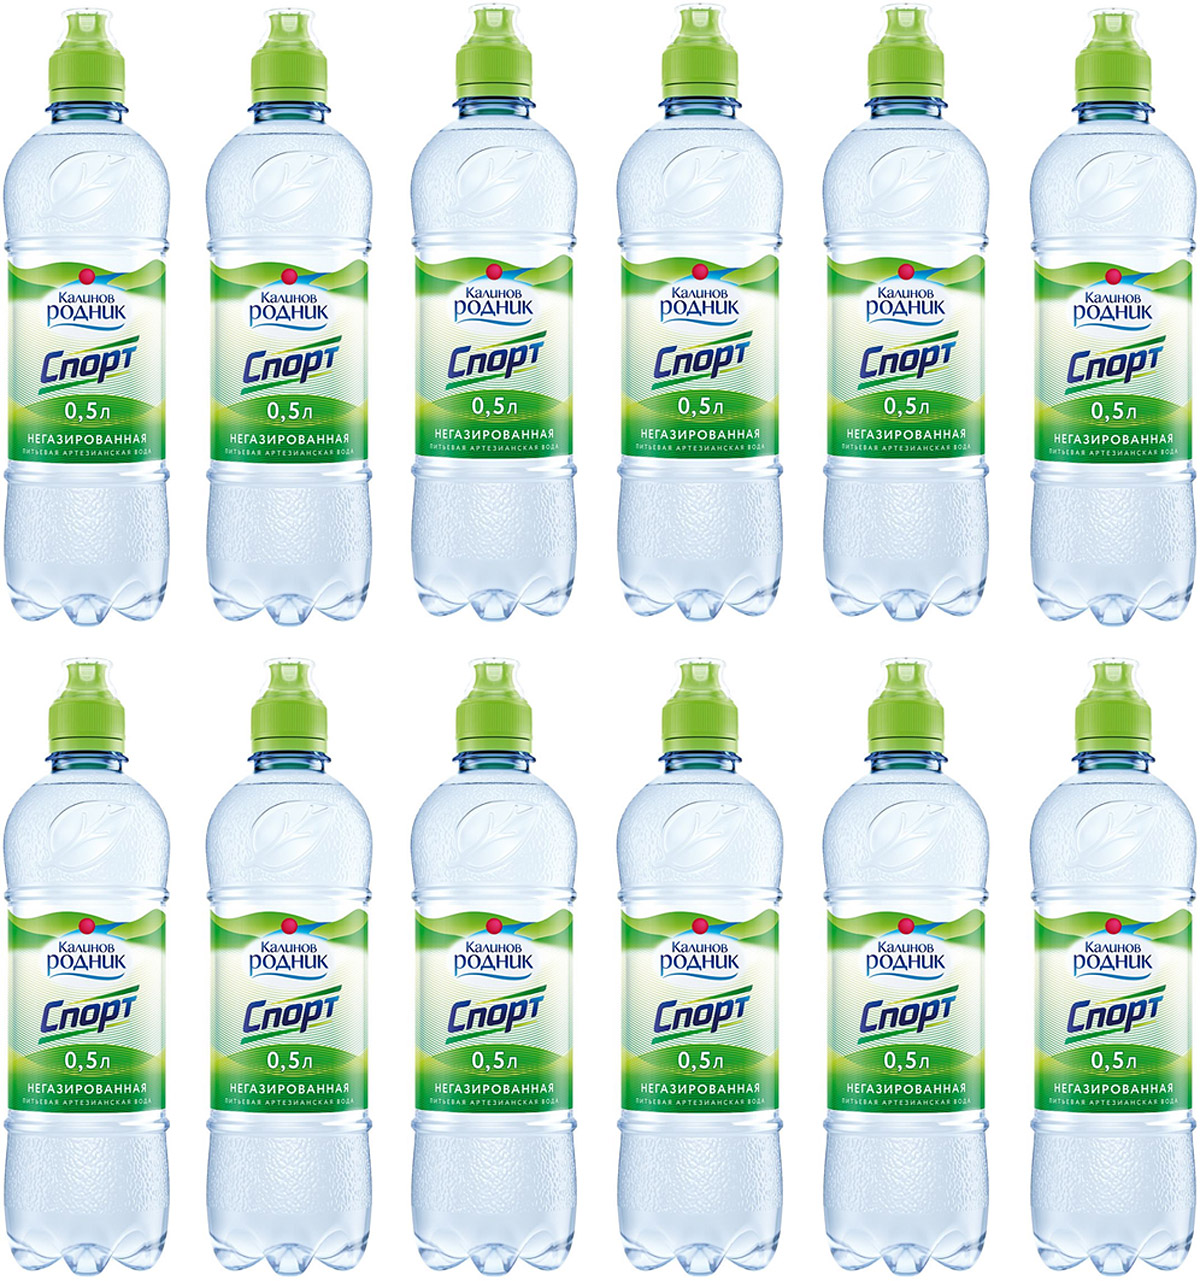 Калинов Родник питьевая артезианская негазированная вода с дозатором, 12 шт по 0,5 л4607050694980Чистая от природы и бережно сохраненная на современном производстве минеральная артезианская вода Калинов Родник – бесспорный эталон качества. Калинов родник - это удобная в использовании, по-настоящему вкусная и полезная вода. Пейте и получайте удовольствие!